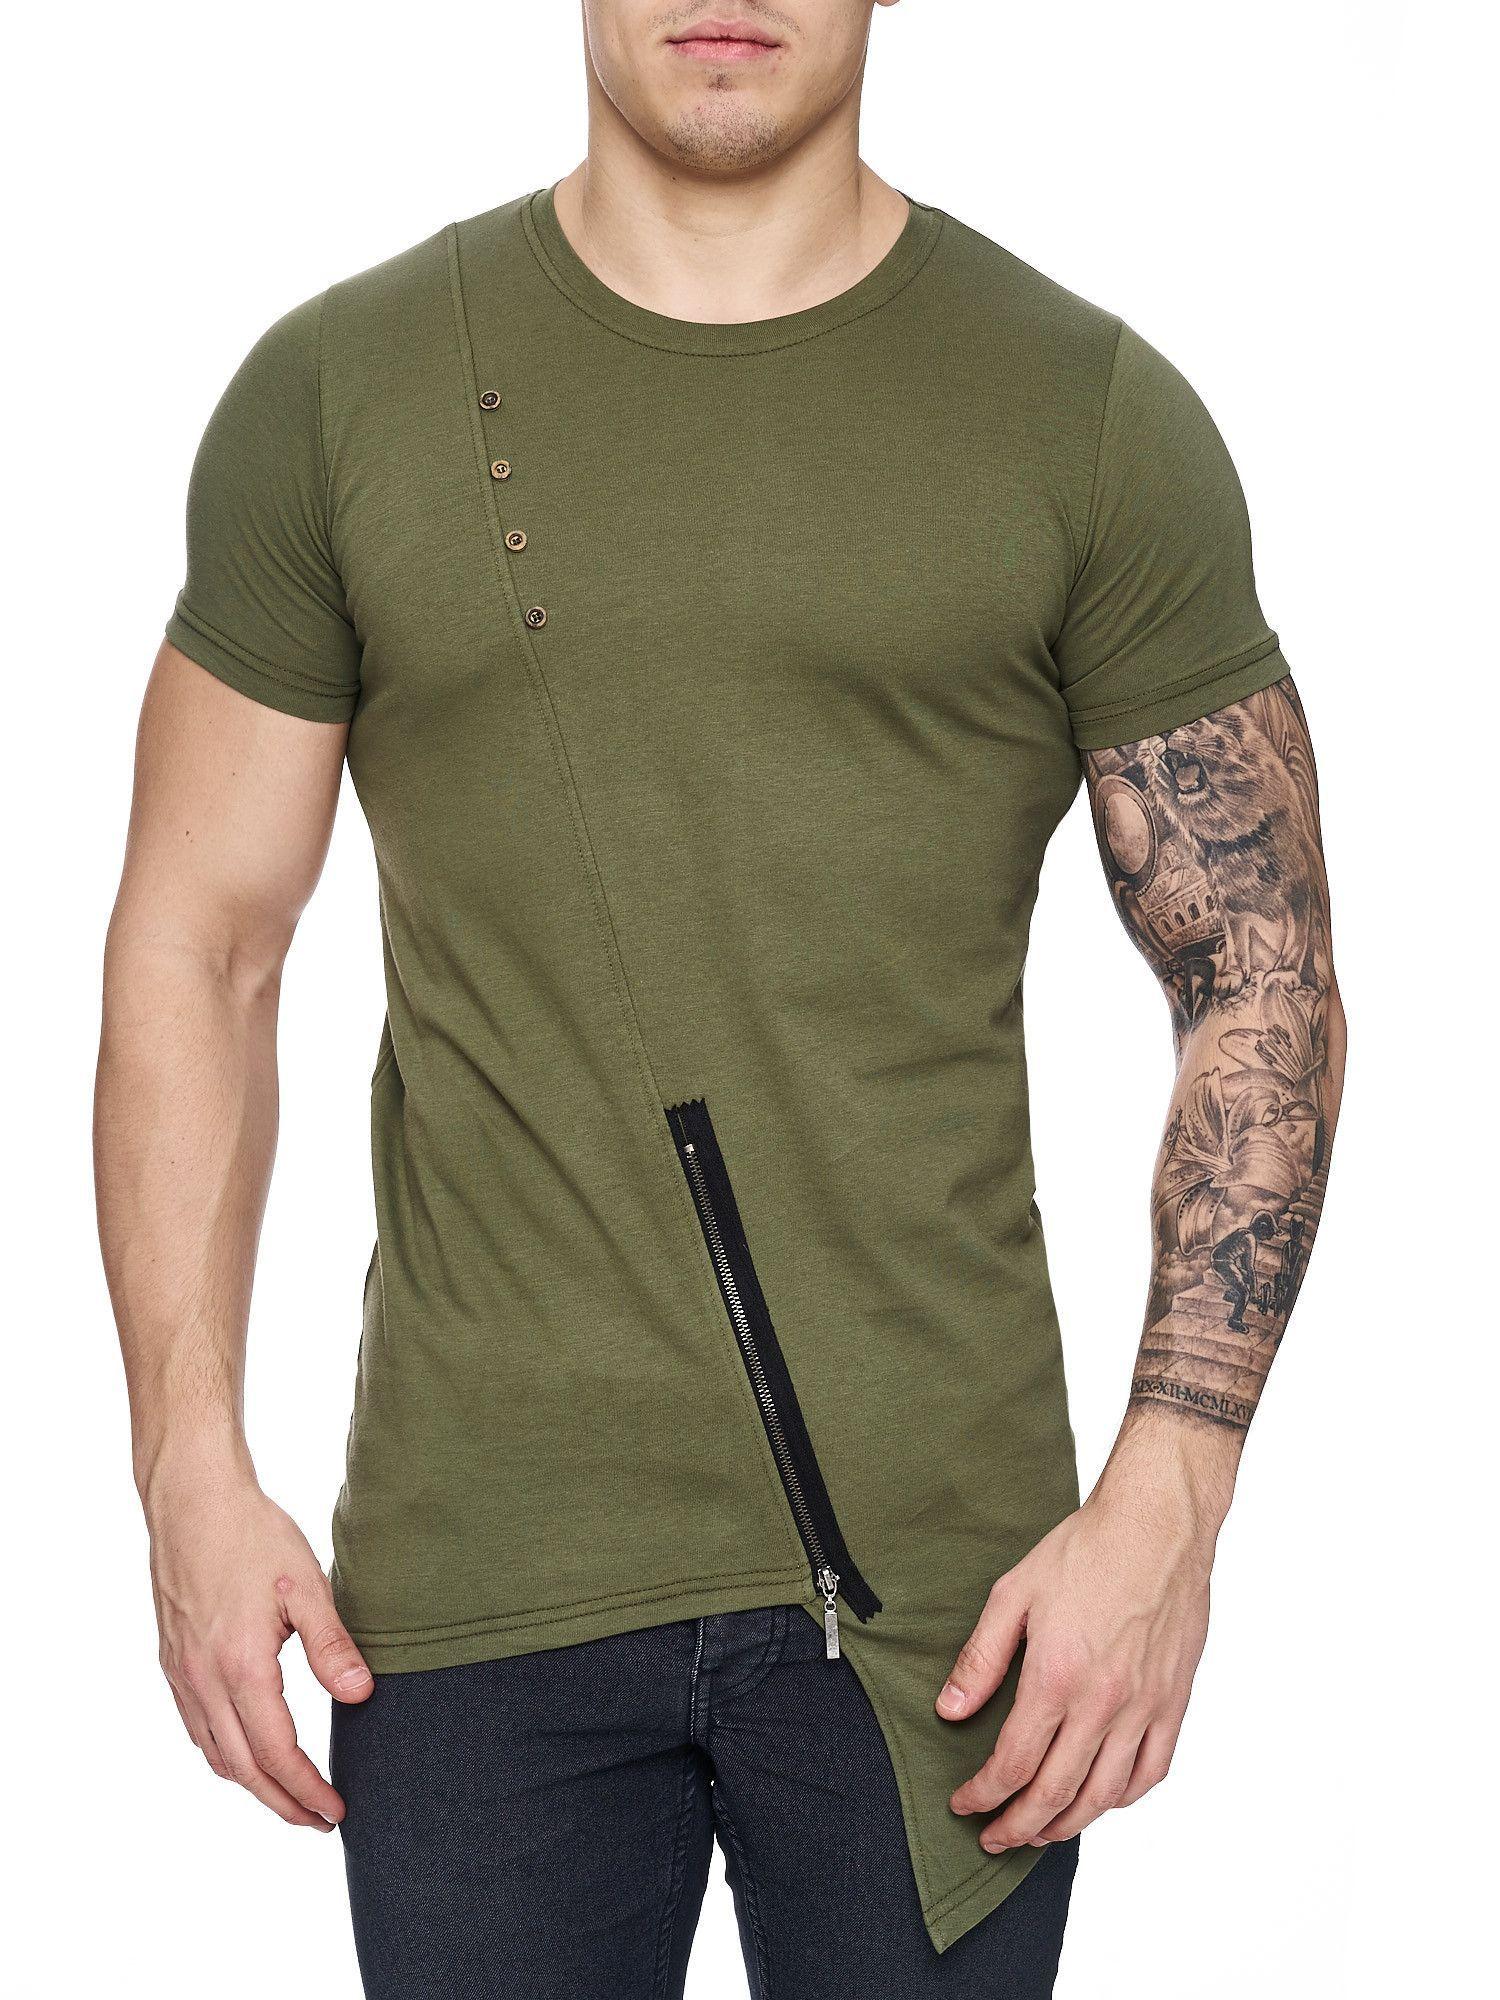 K&D Men Asymmetrical Zipper Long T-shirt - Army Green   pulober ...